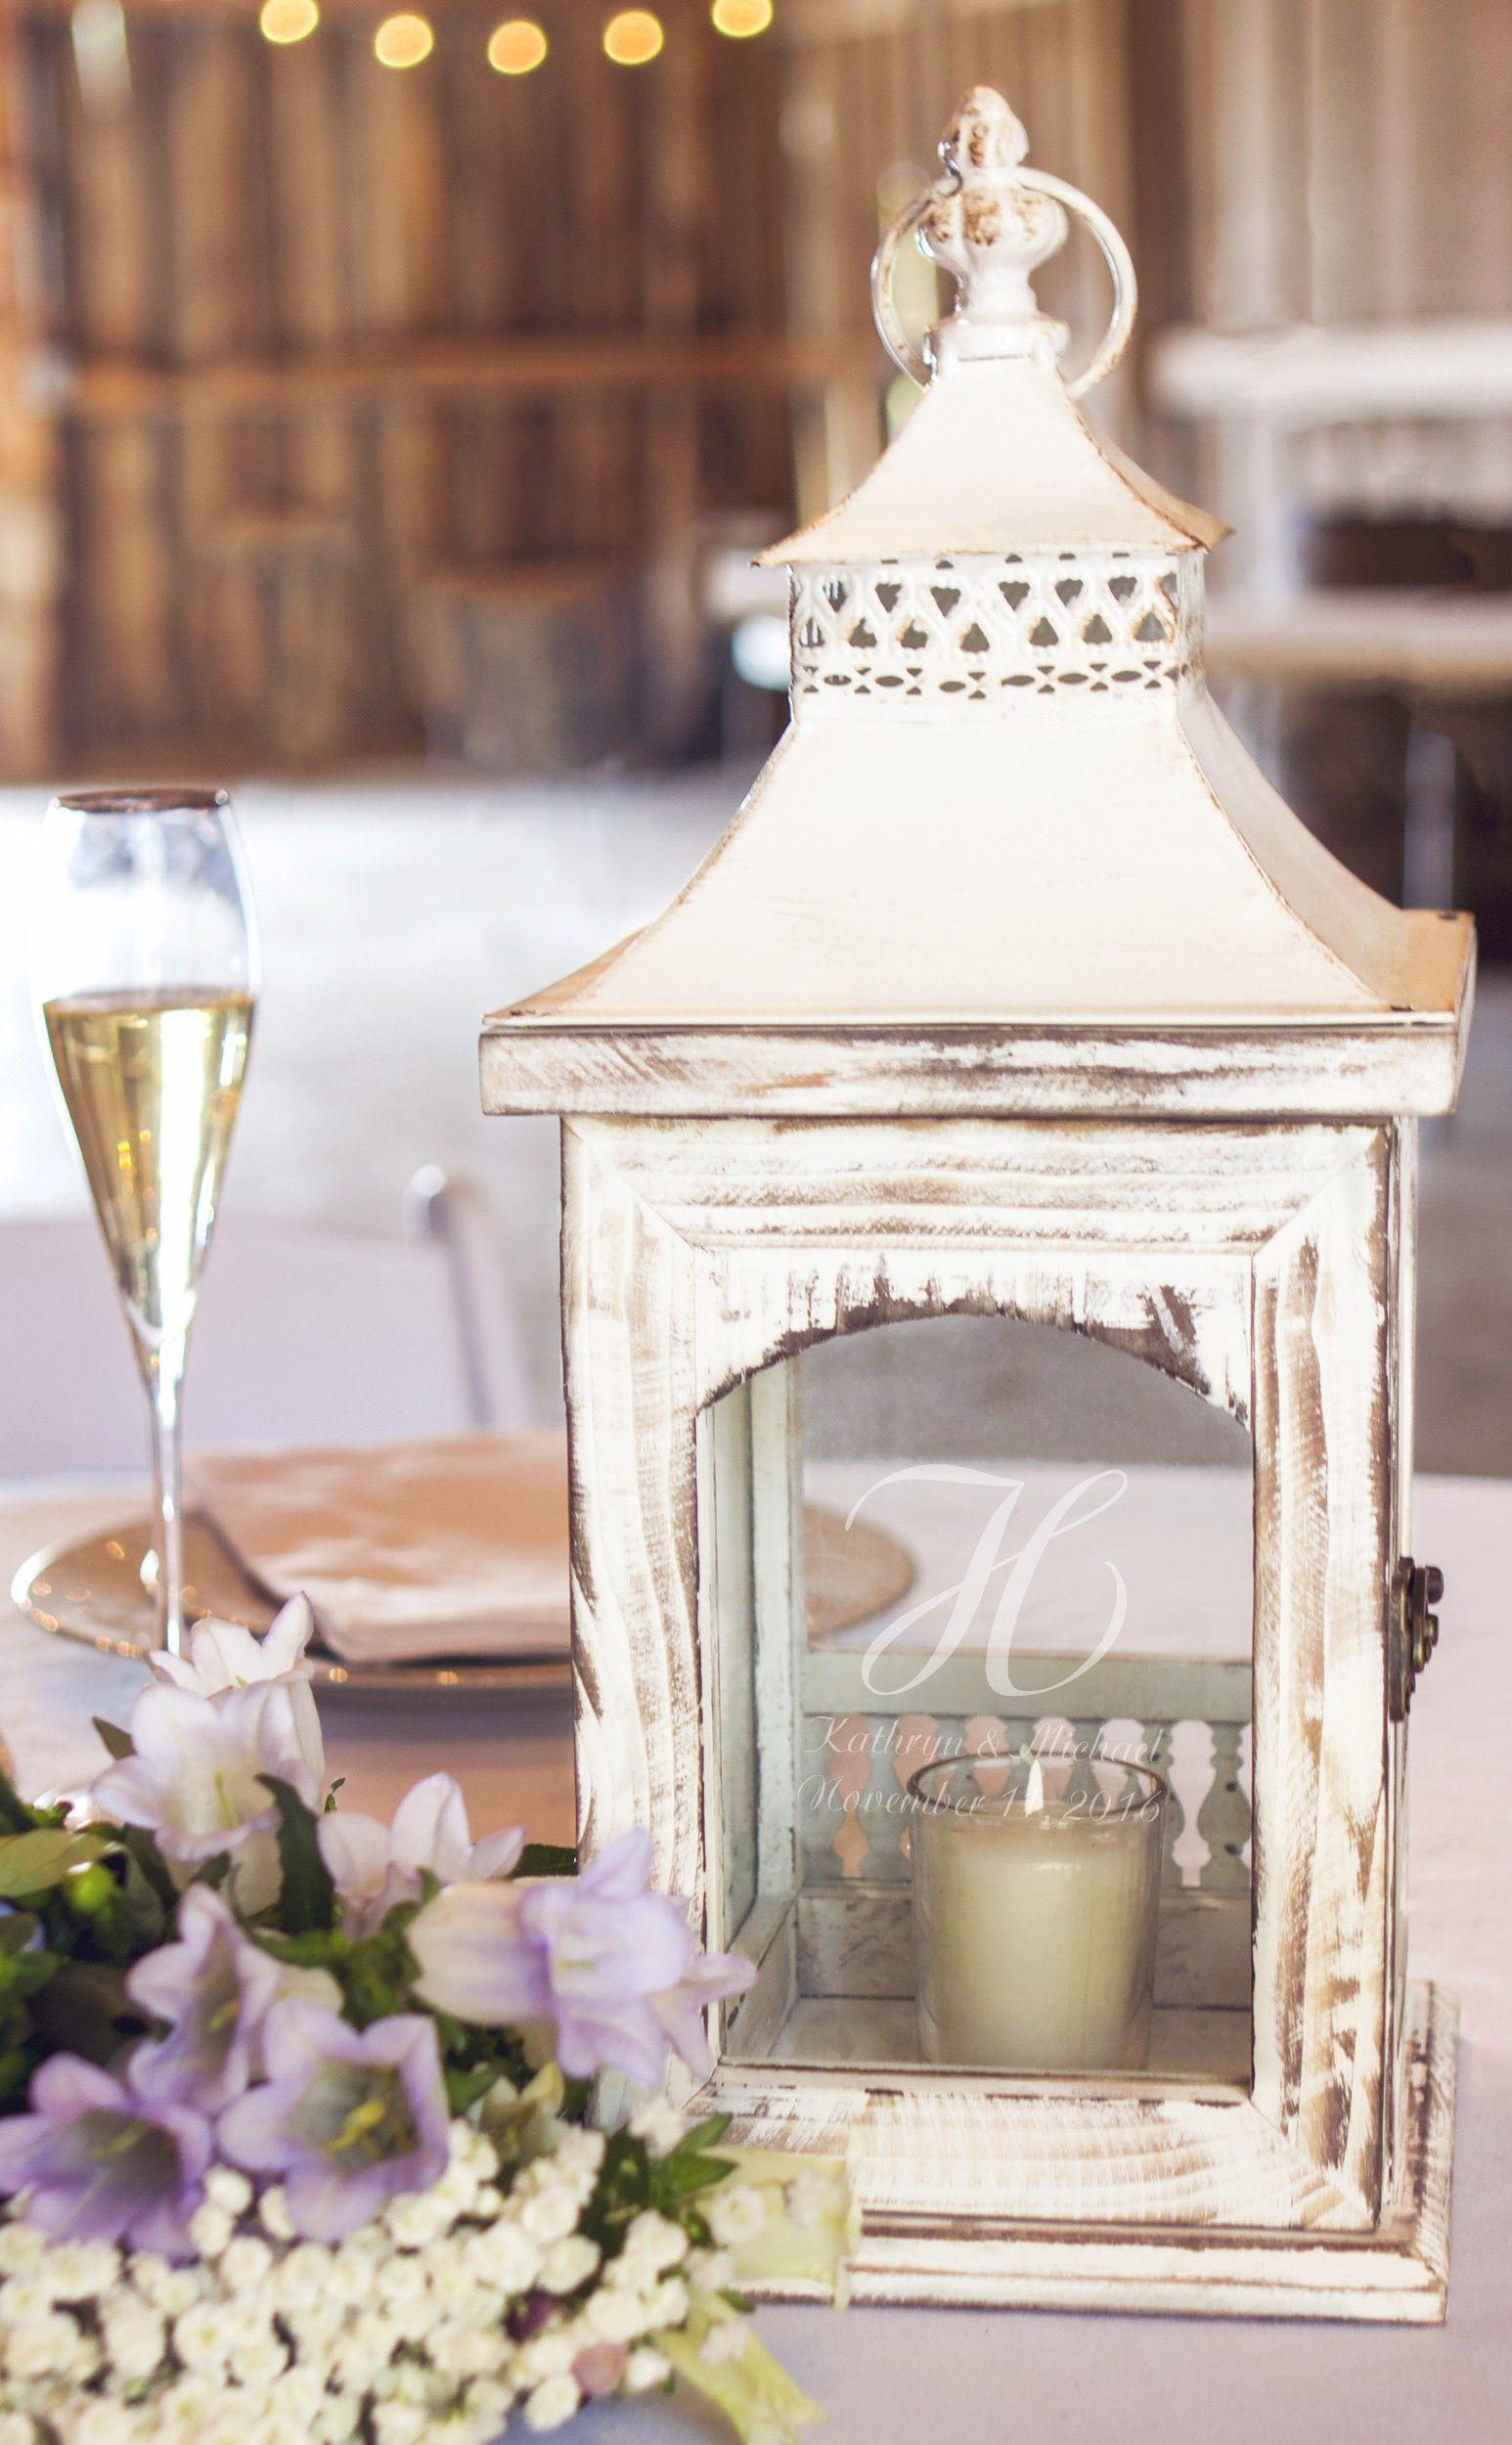 Personalized Rustic Whitewash Wedding Candle Lantern